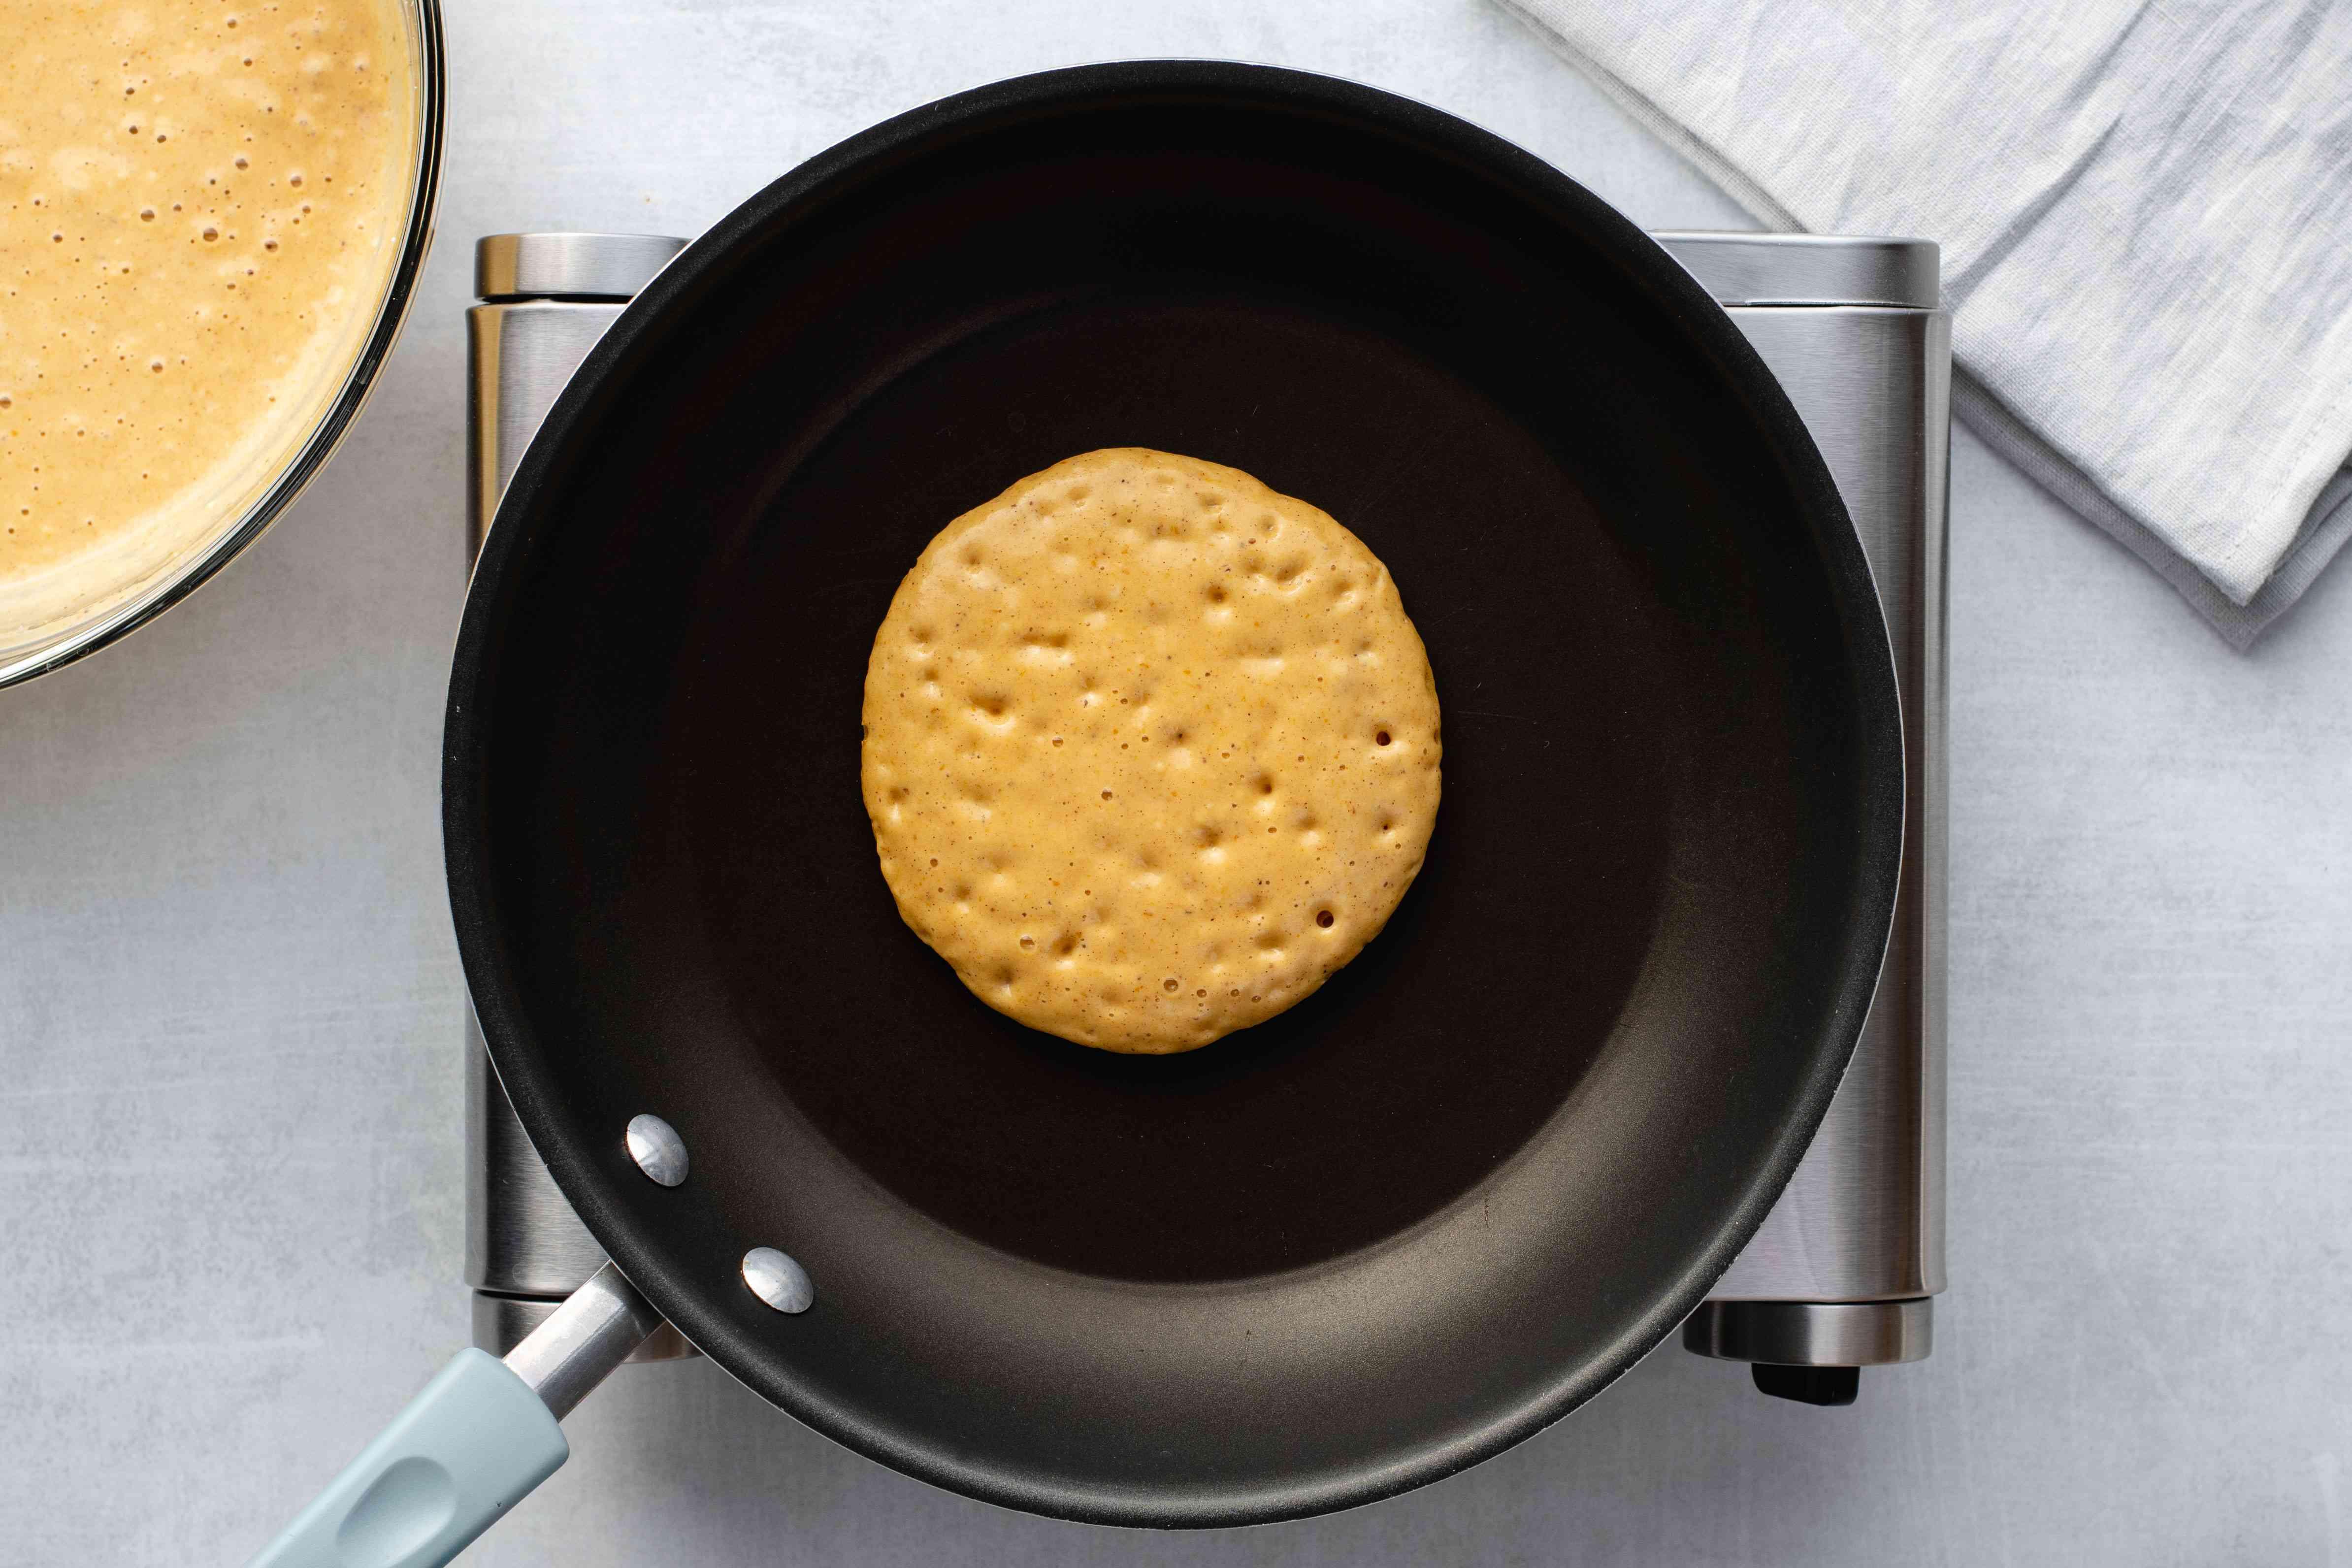 Pumpkin pancake cooking on a pan